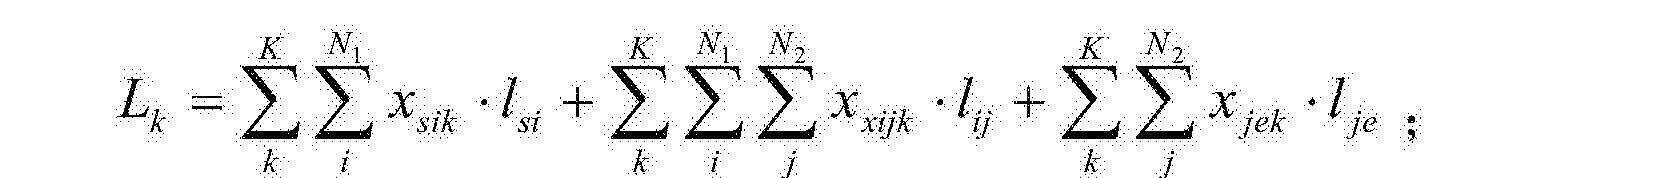 Figure CN106127357AC00034